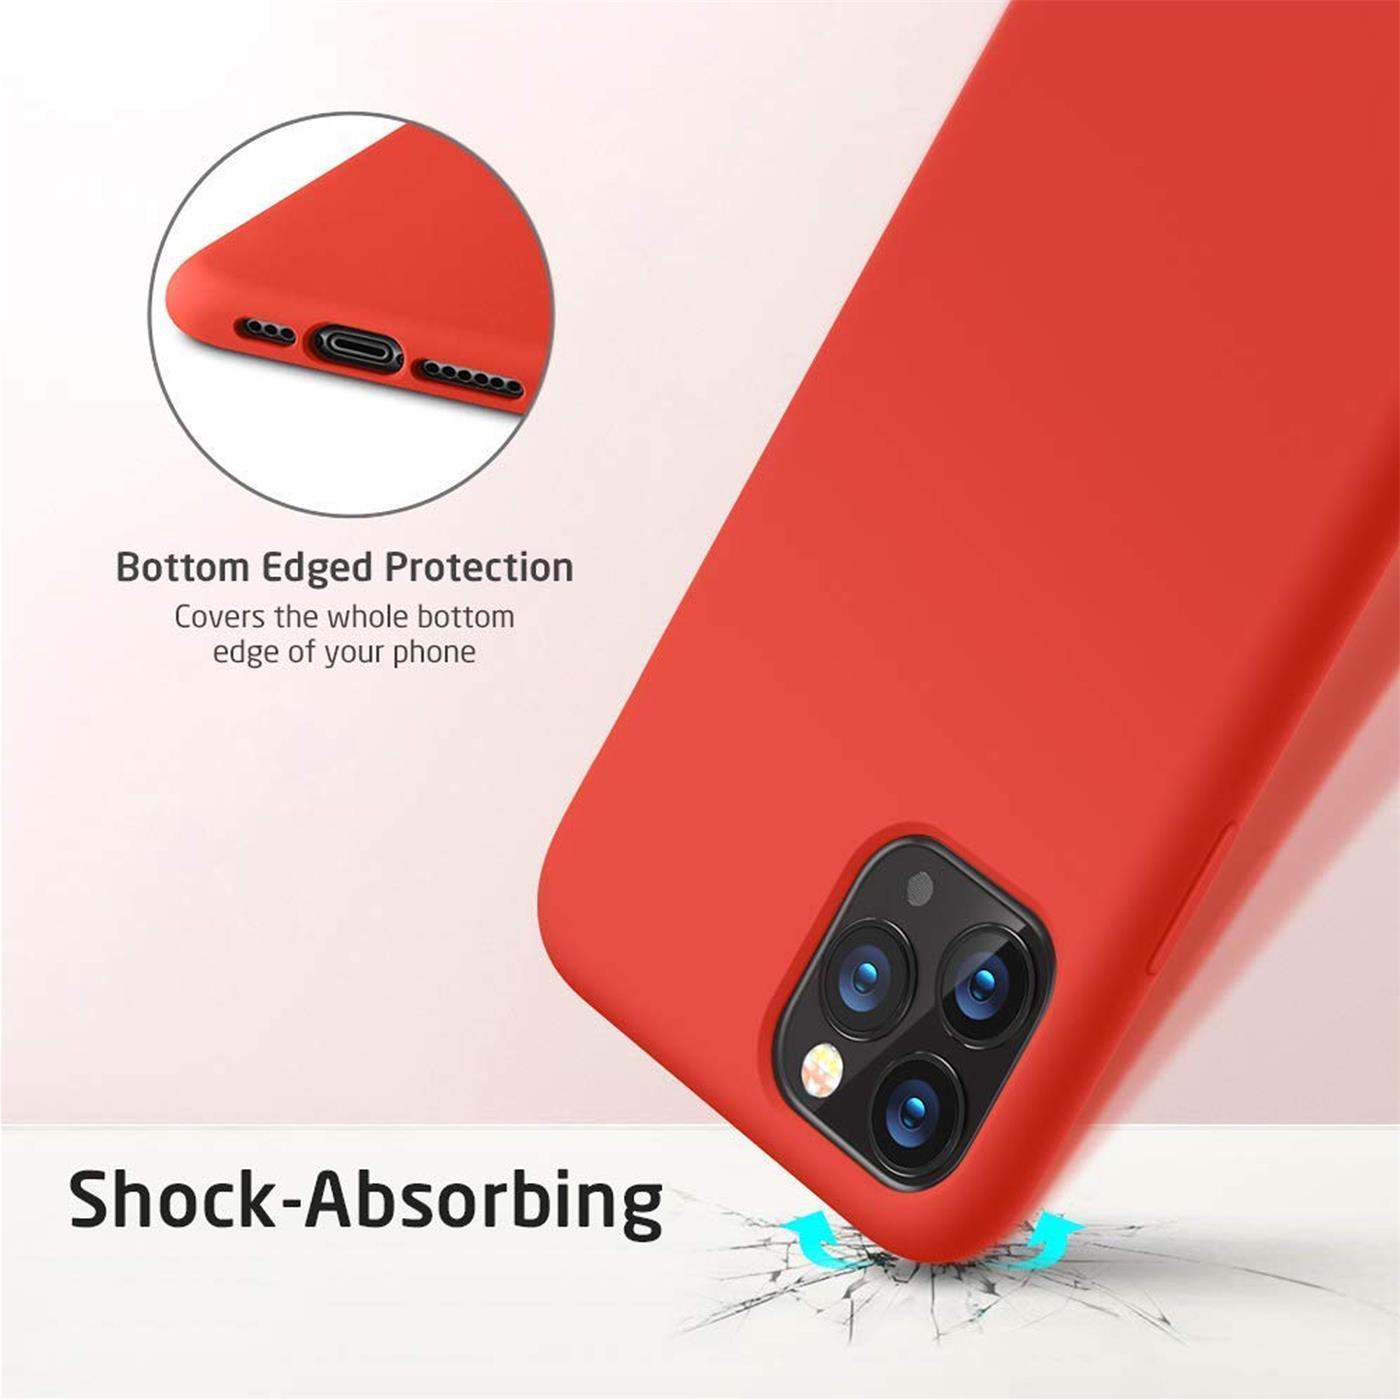 Silikon-Huelle-Schutzhuelle-Handy-Tasche-Handyhuelle-Slim-Case-Cover-Duenn-matt-Etui Indexbild 13